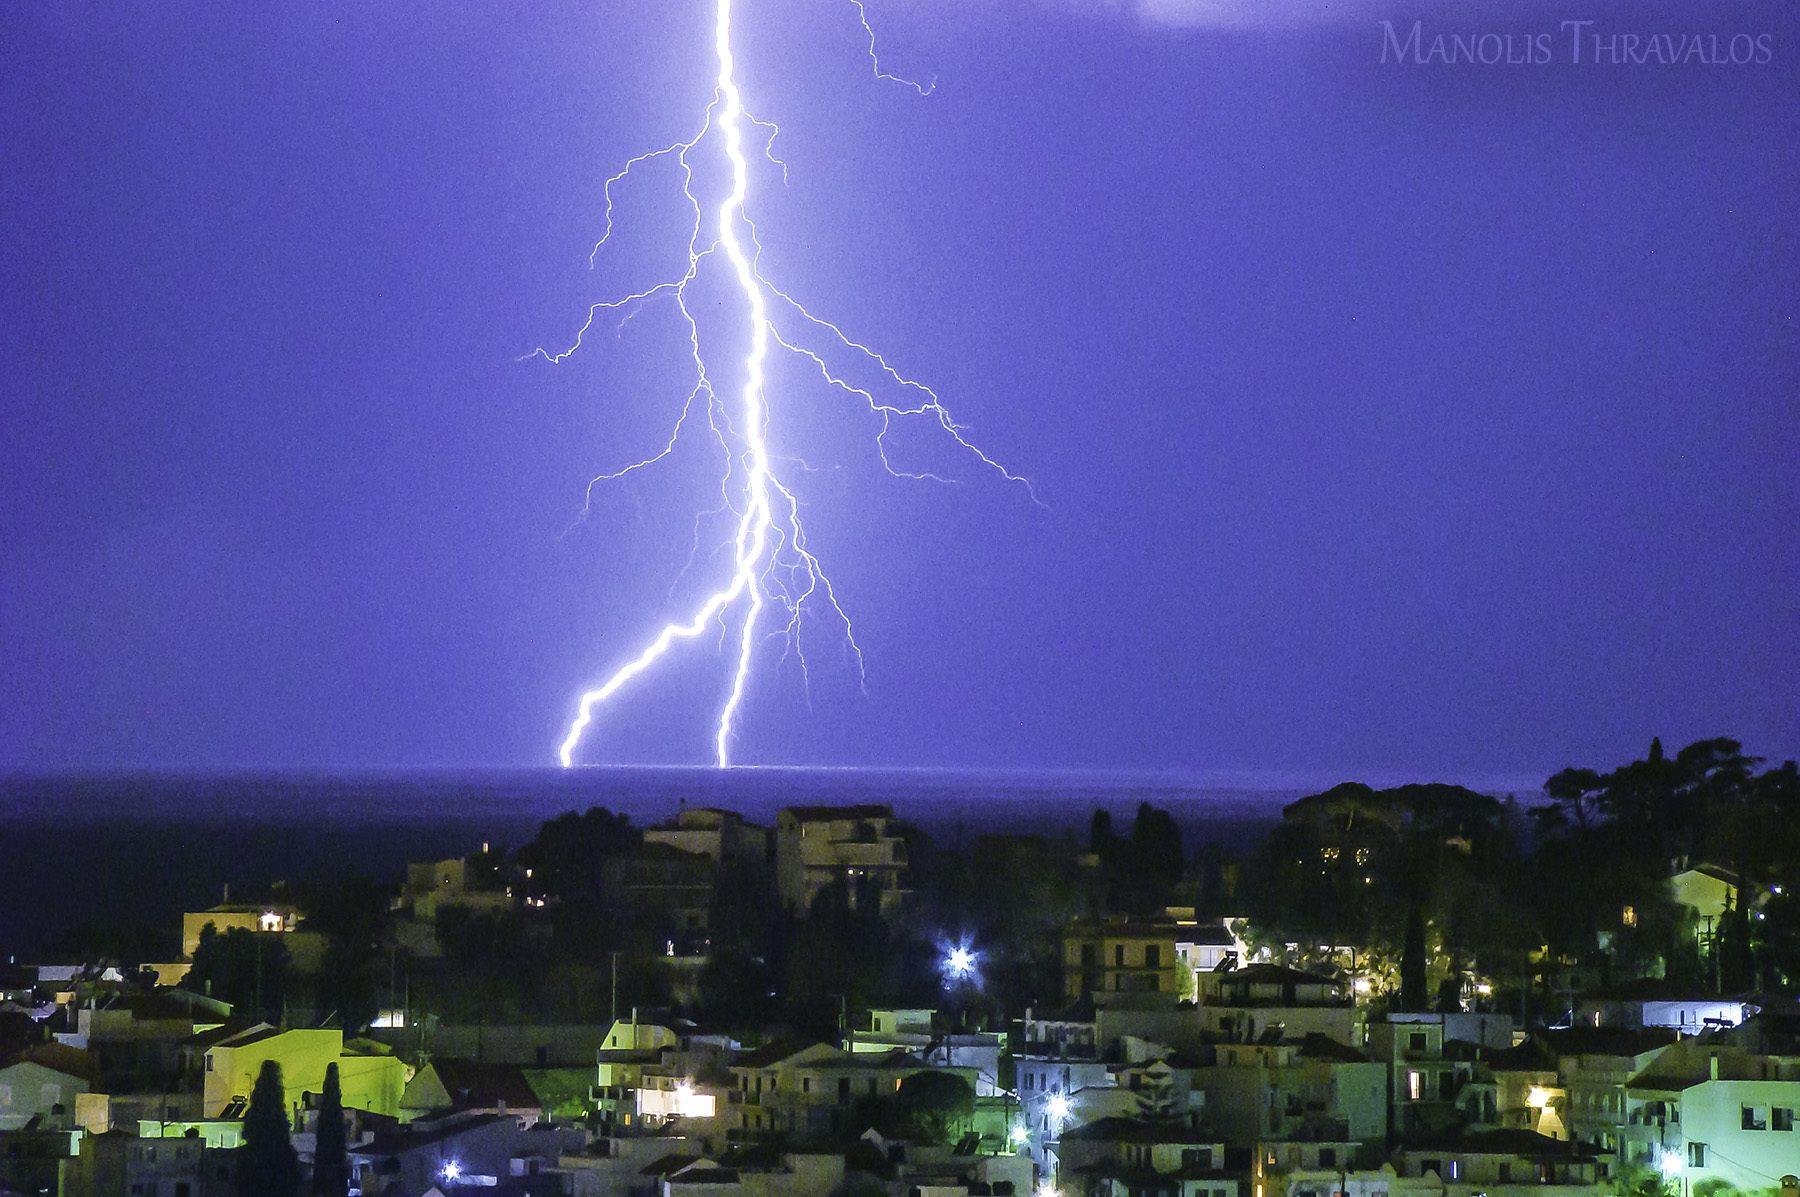 Καταιγίδα - Κοντινό κεραυνού πάνω από τα σπίτια της πόλης